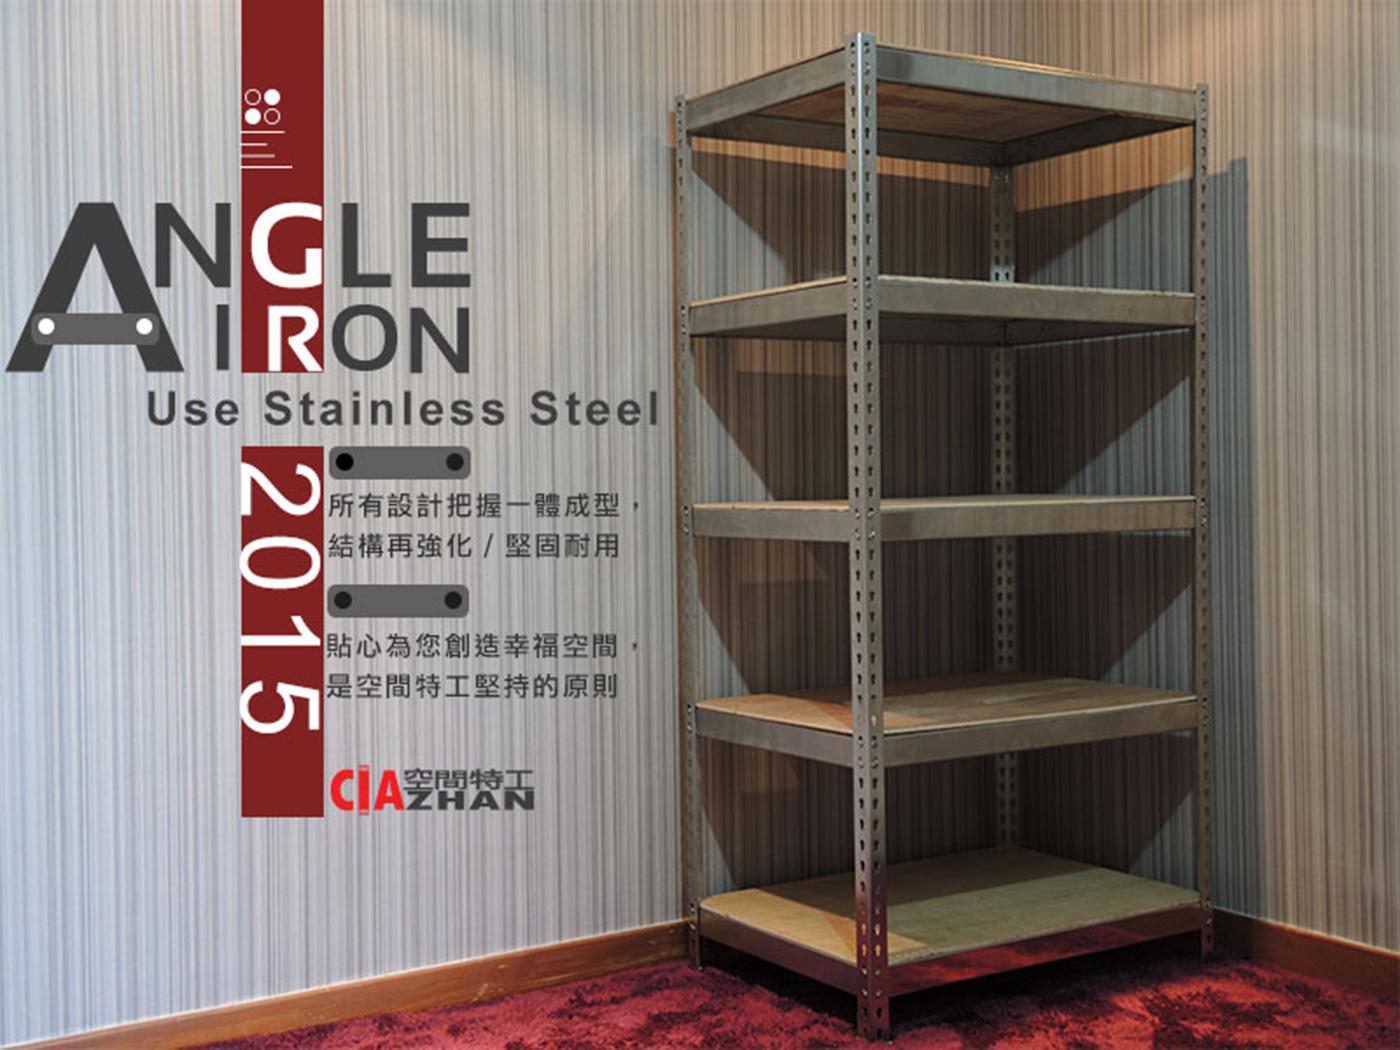 免運促銷 #304不鏽鋼免螺絲角鋼 ♞空間特工♞(長4x深2尺x5層,高6尺) 唯一橫桿2mm厚 置物櫃 白鐵不銹鋼